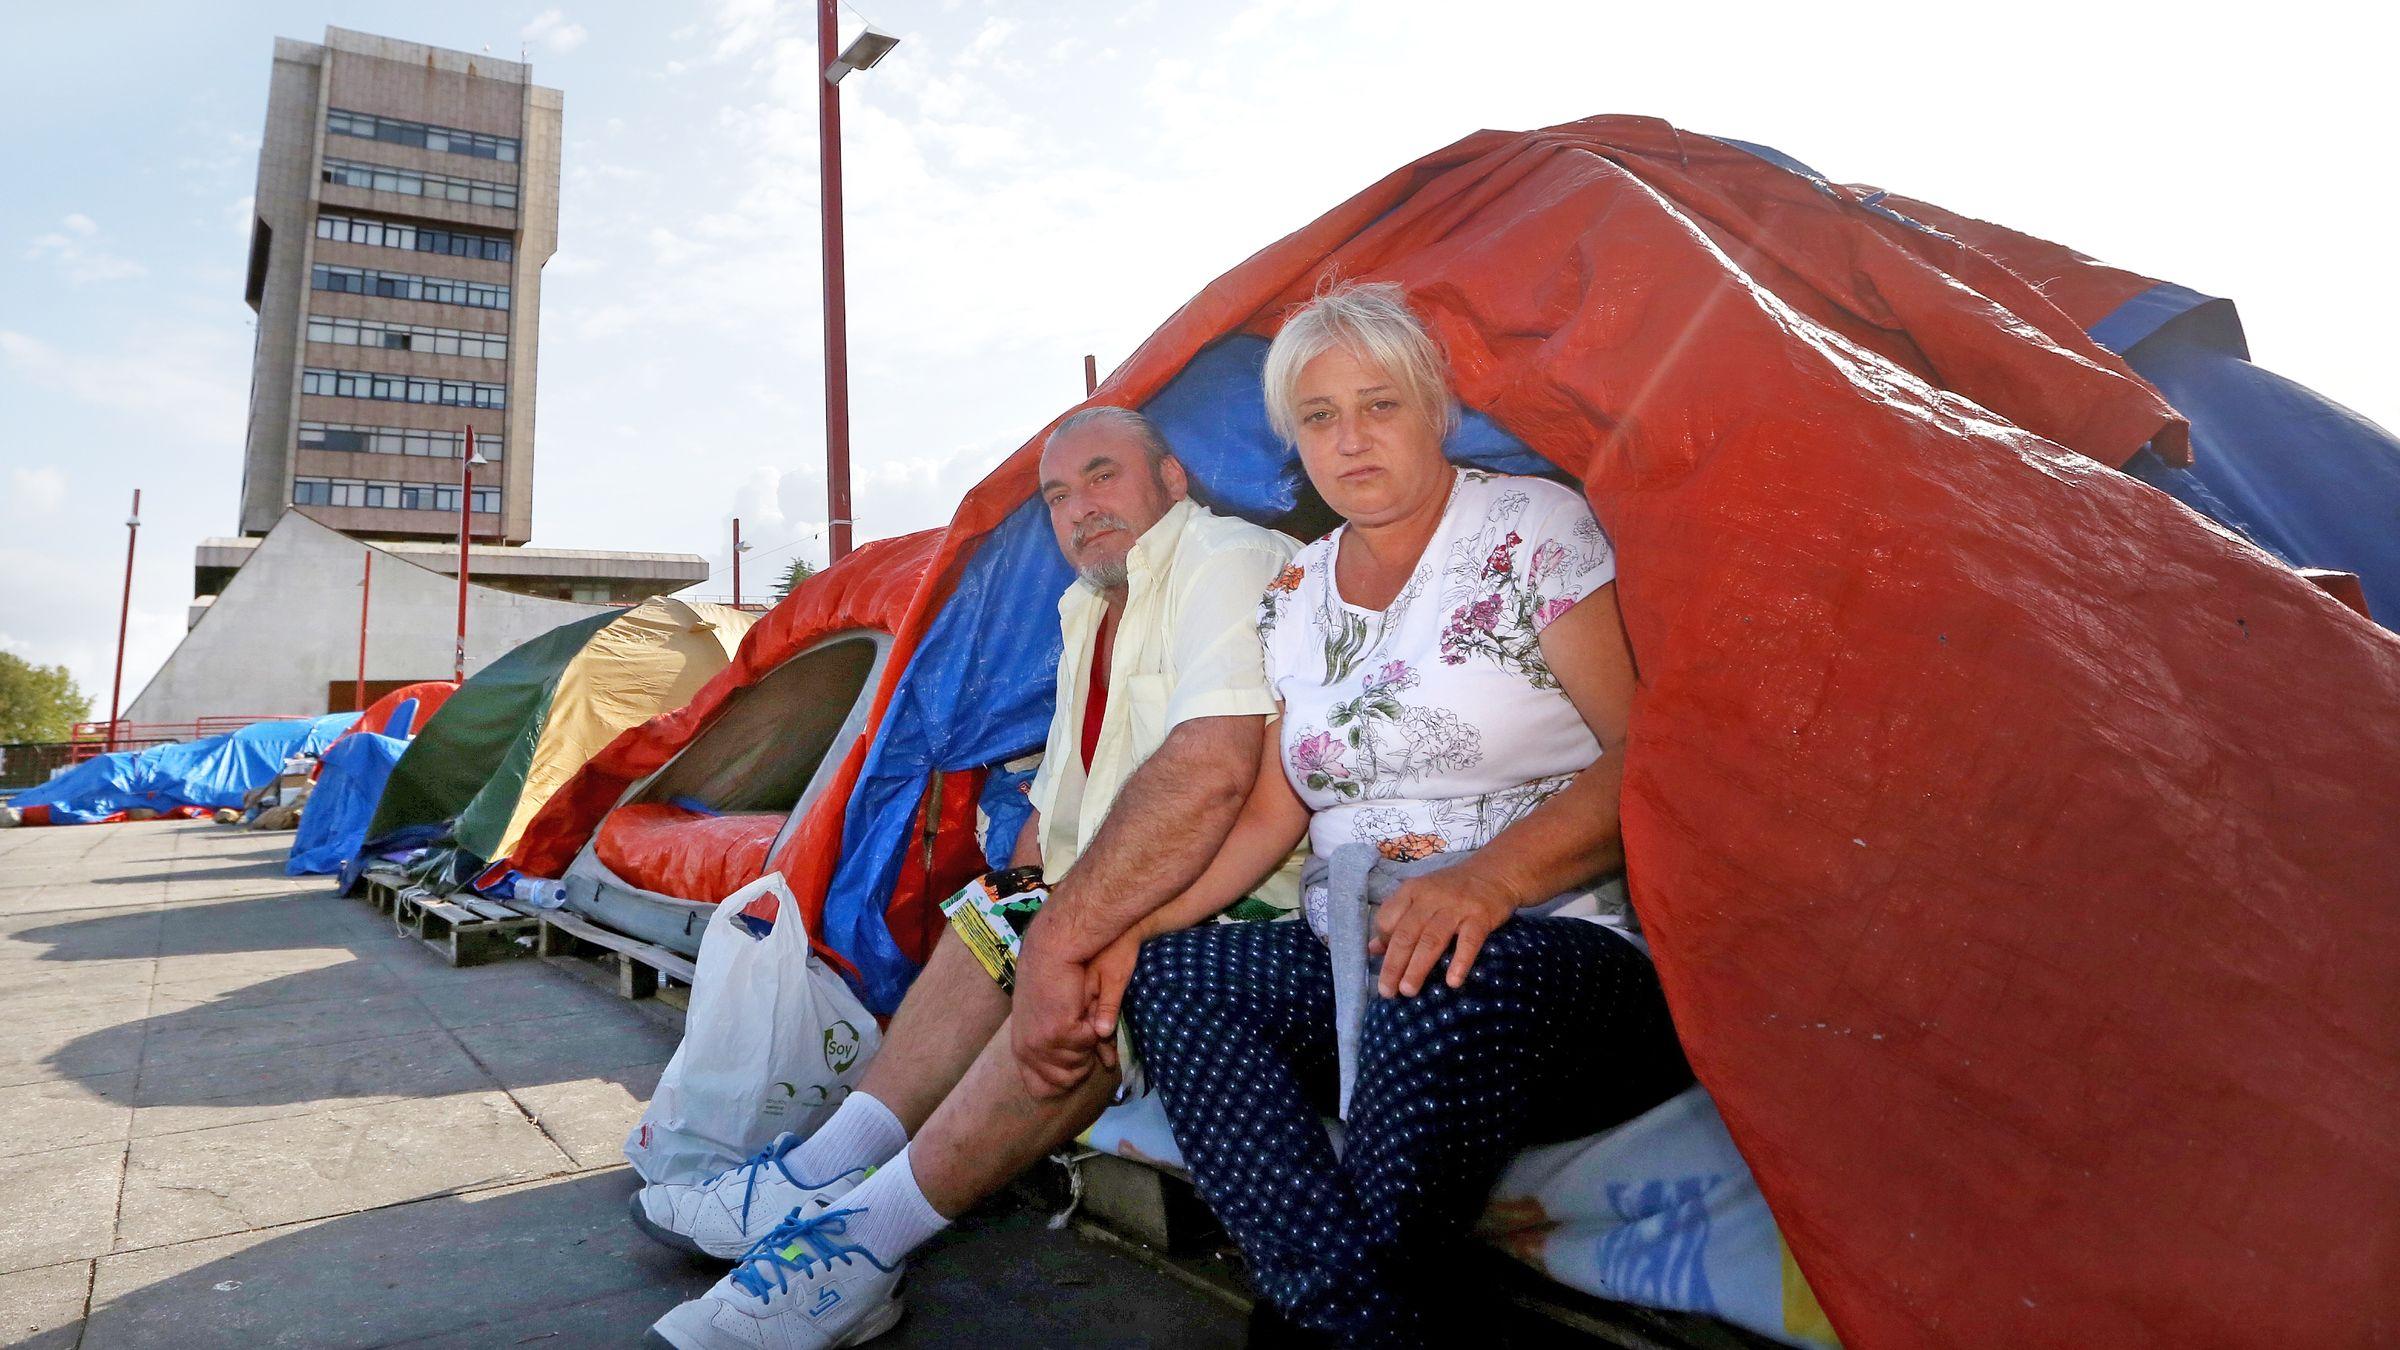 Los desahuciados del barrio del Cura, en la acampada del Concello de Vigo.Concentración de afectados por la hipoteca contra un desahucio